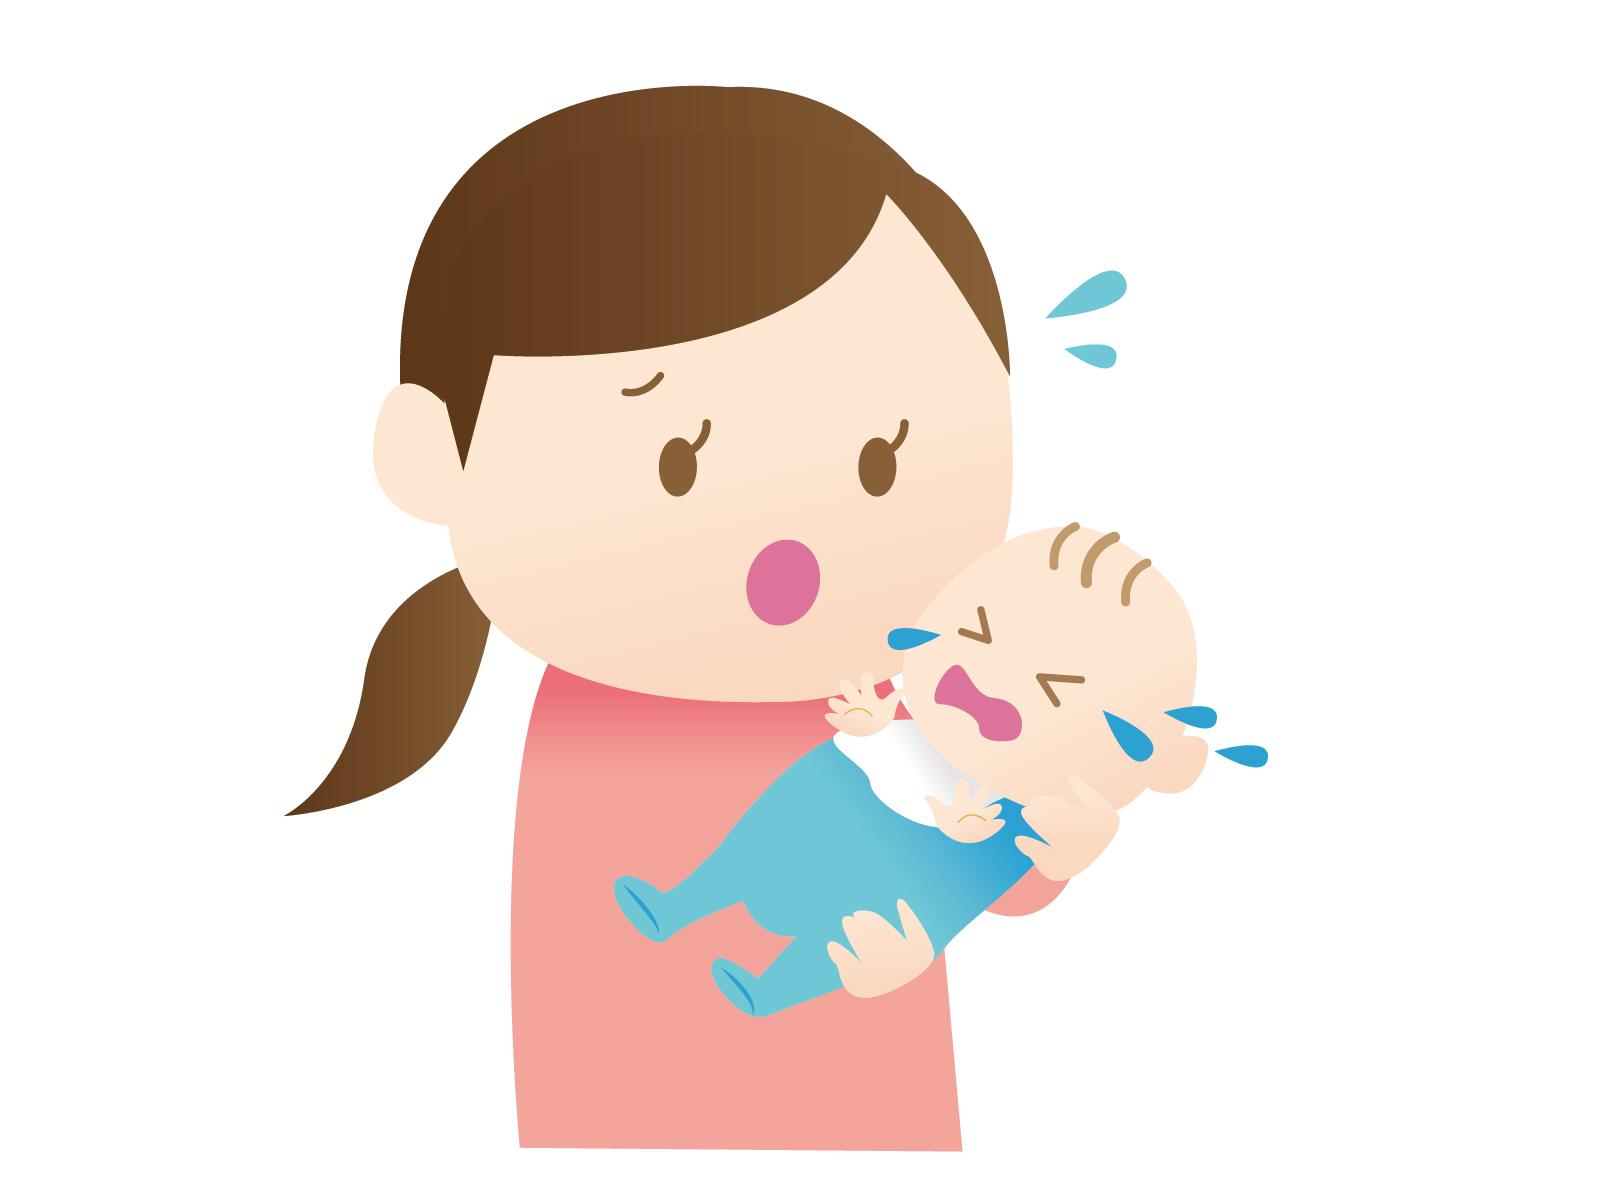 娘の発達障害に気付くまでの育児は泣きたくなるほど辛い